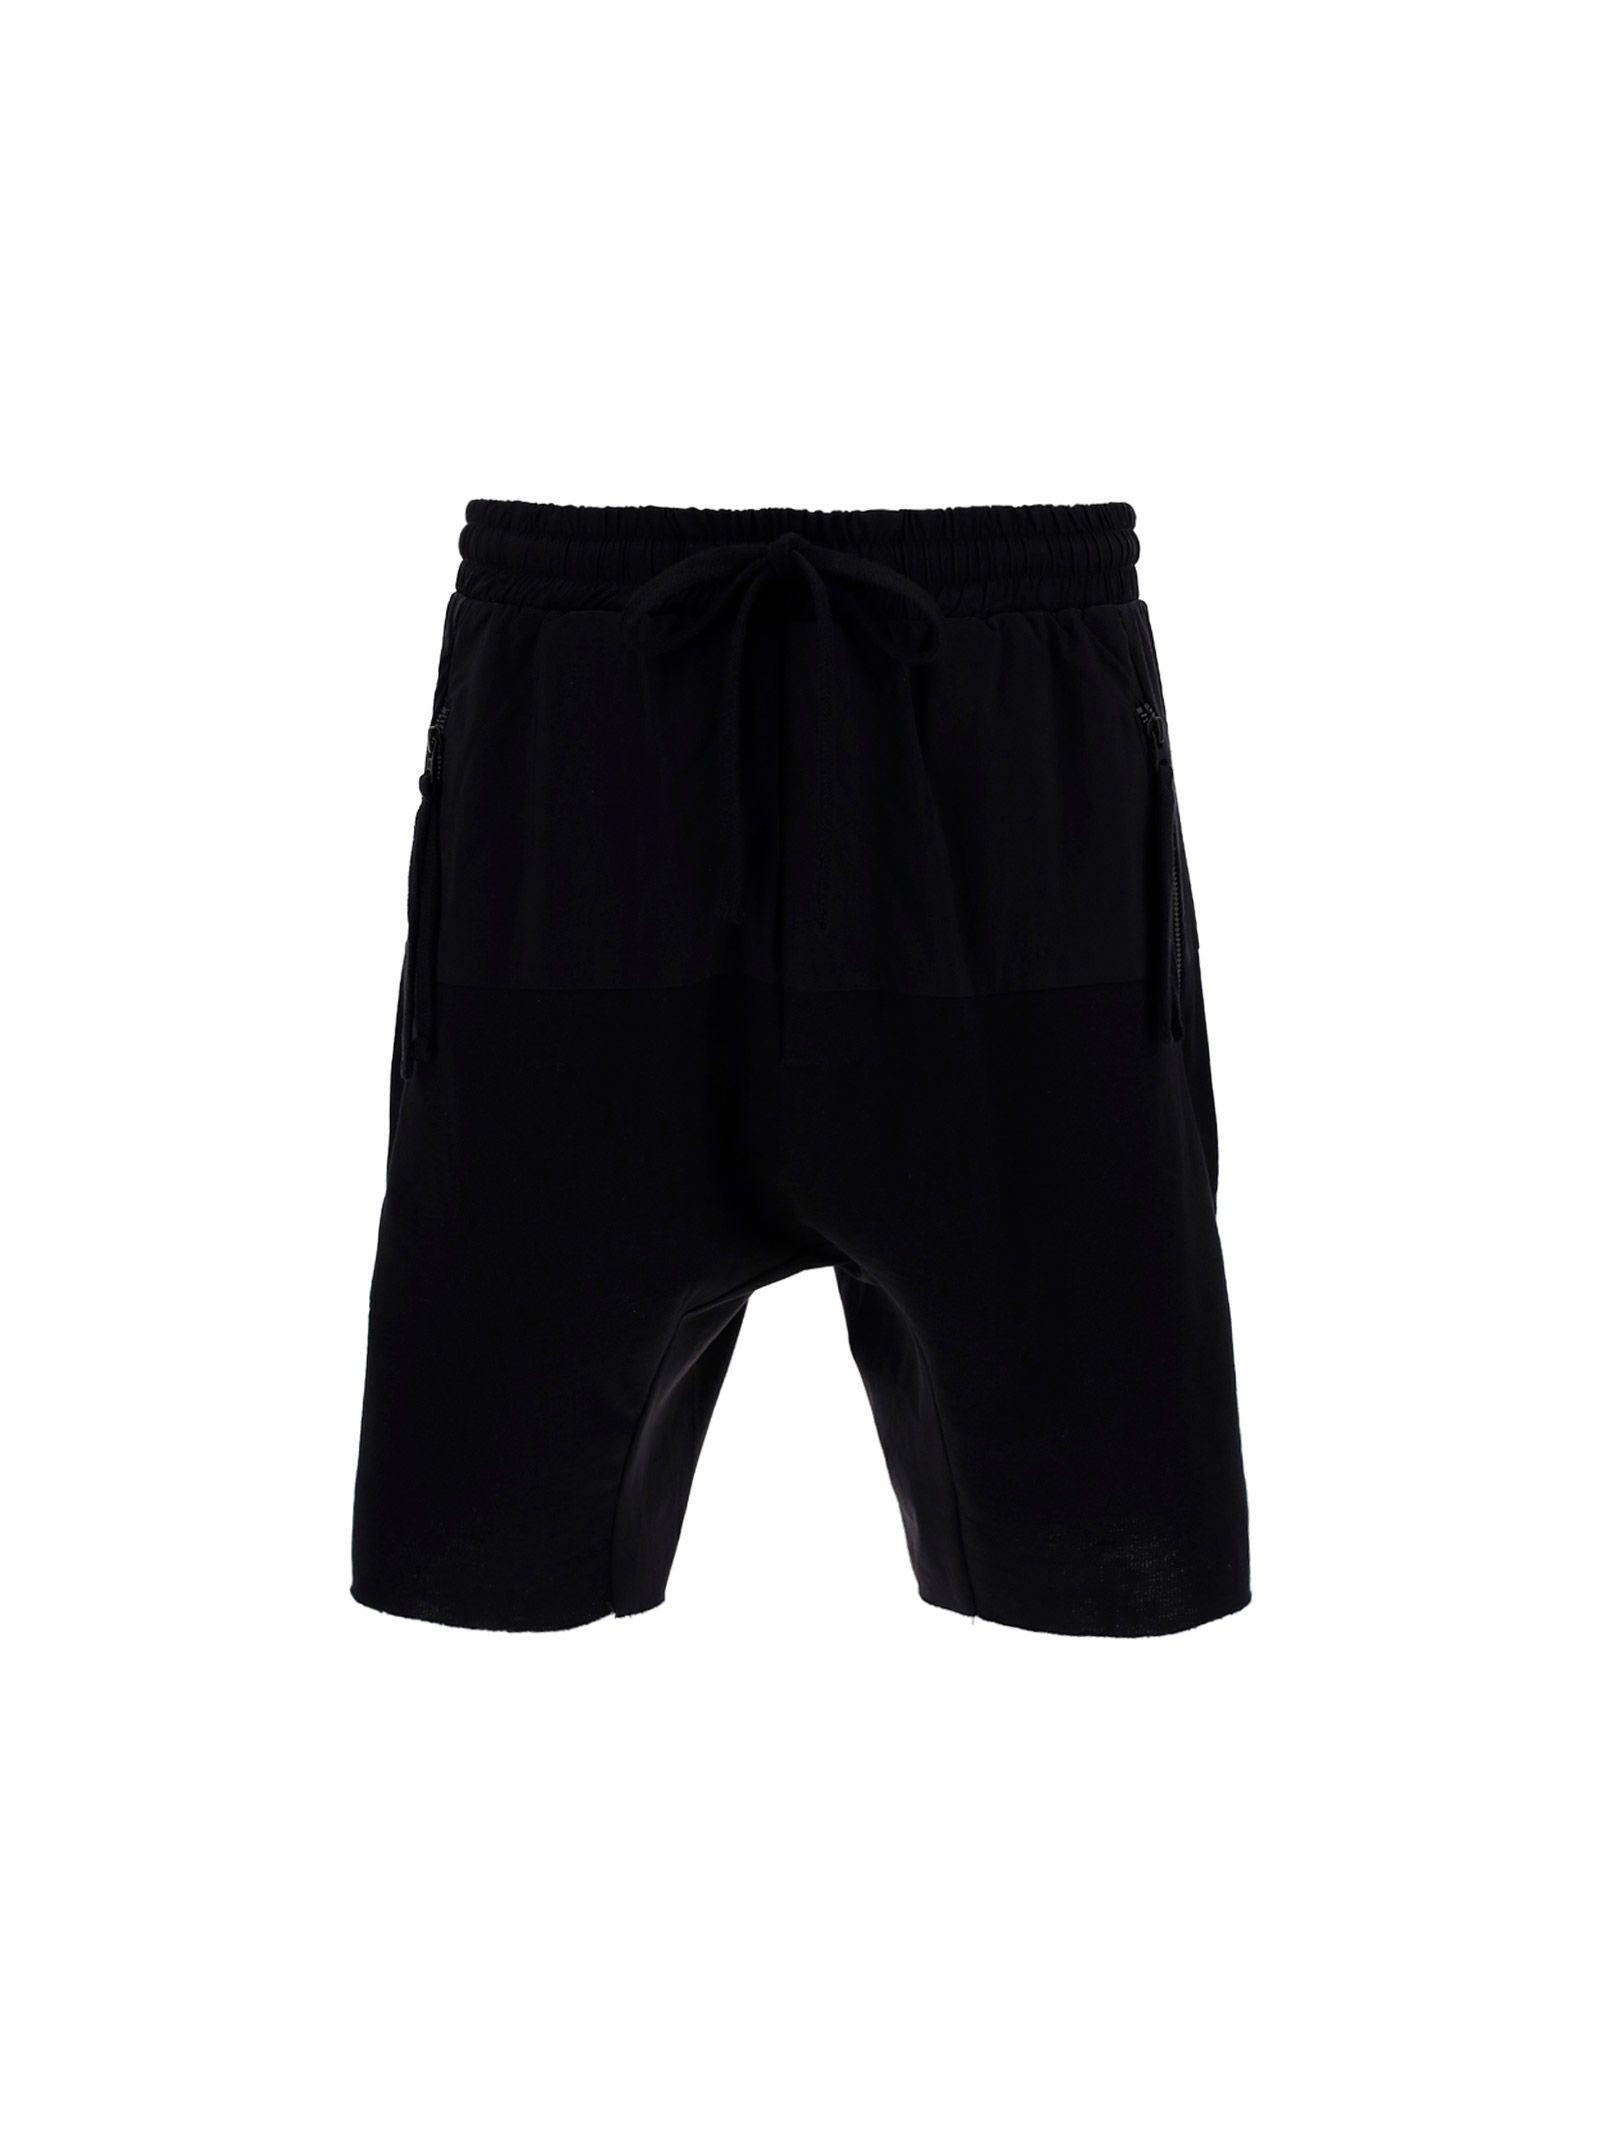 Thom Krom THOM KROM MEN'S BLACK OTHER MATERIALS PANTS